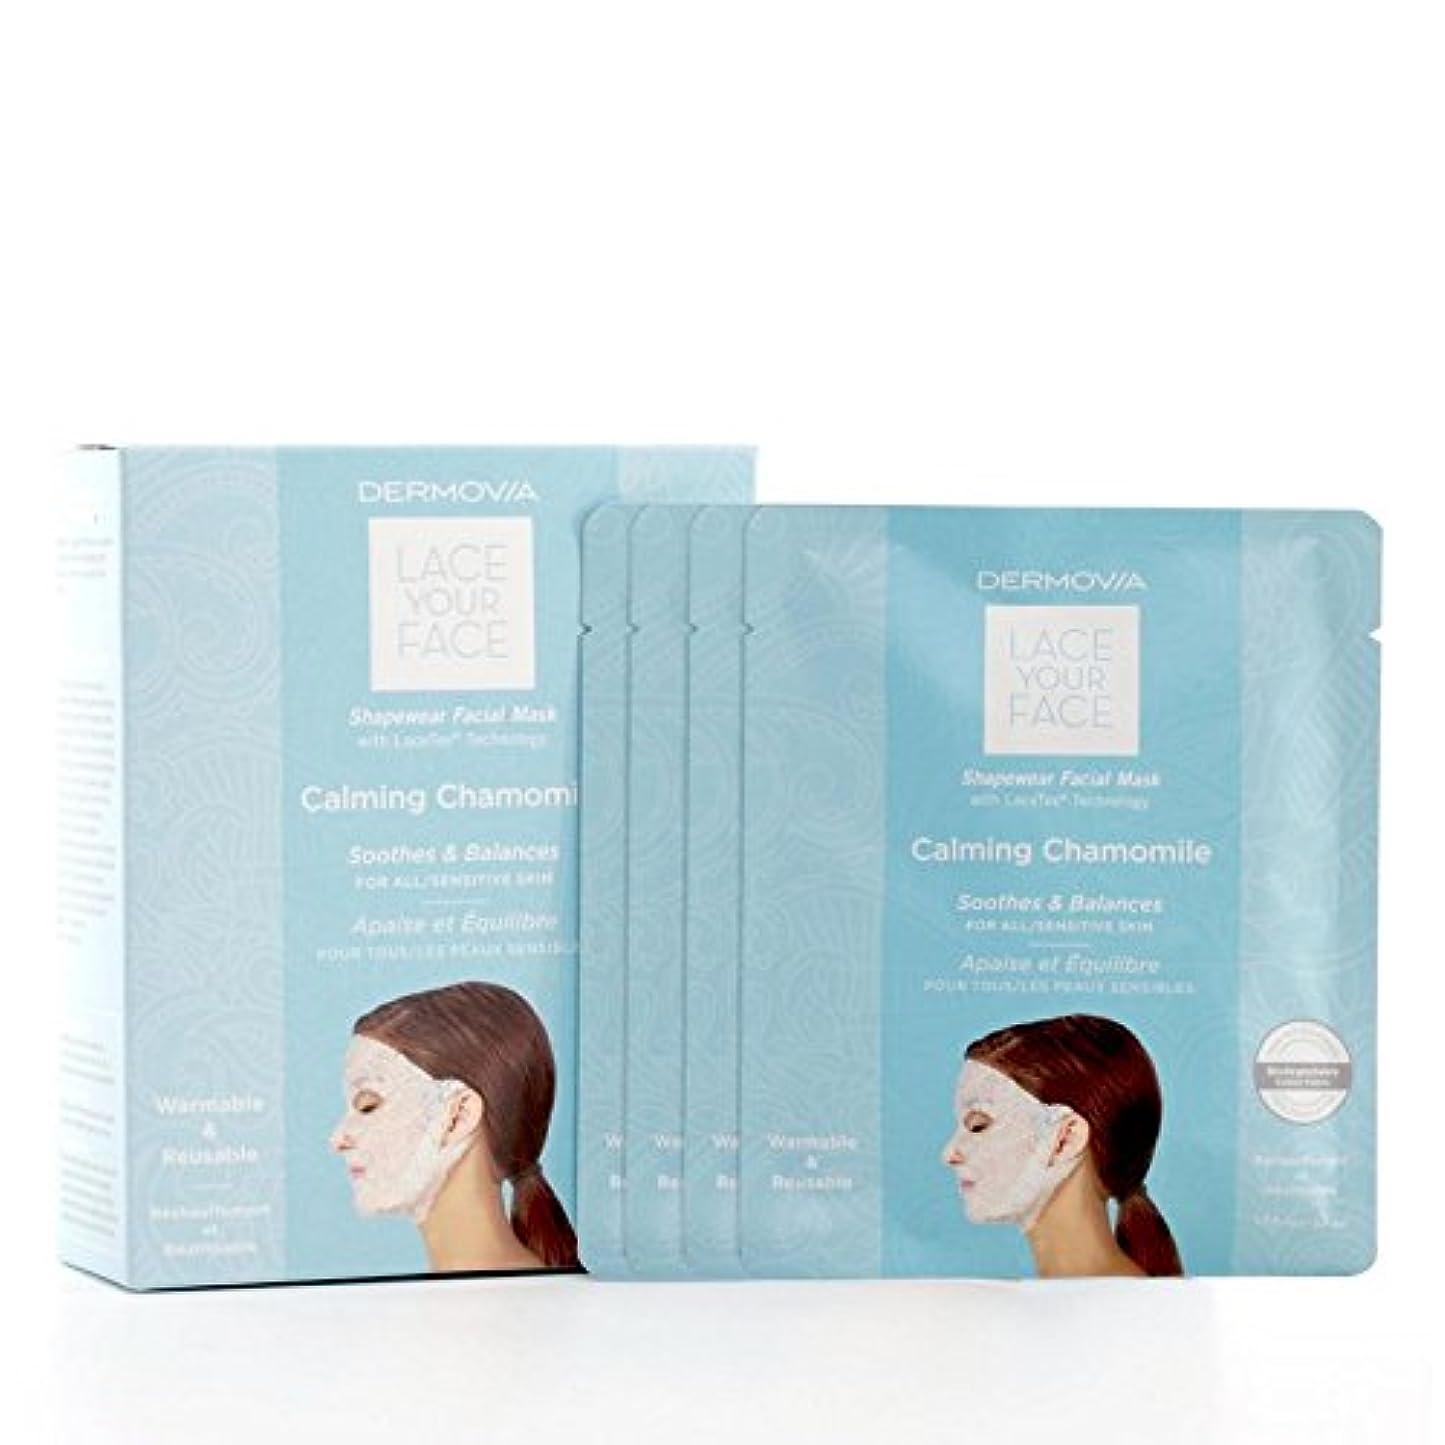 色合いミスペンド不公平Dermovia Lace Your Face Compression Facial Mask Calming Chamomile - は、あなたの顔の圧縮フェイシャルマスク心を落ち着かせるカモミールをひもで締めます [...